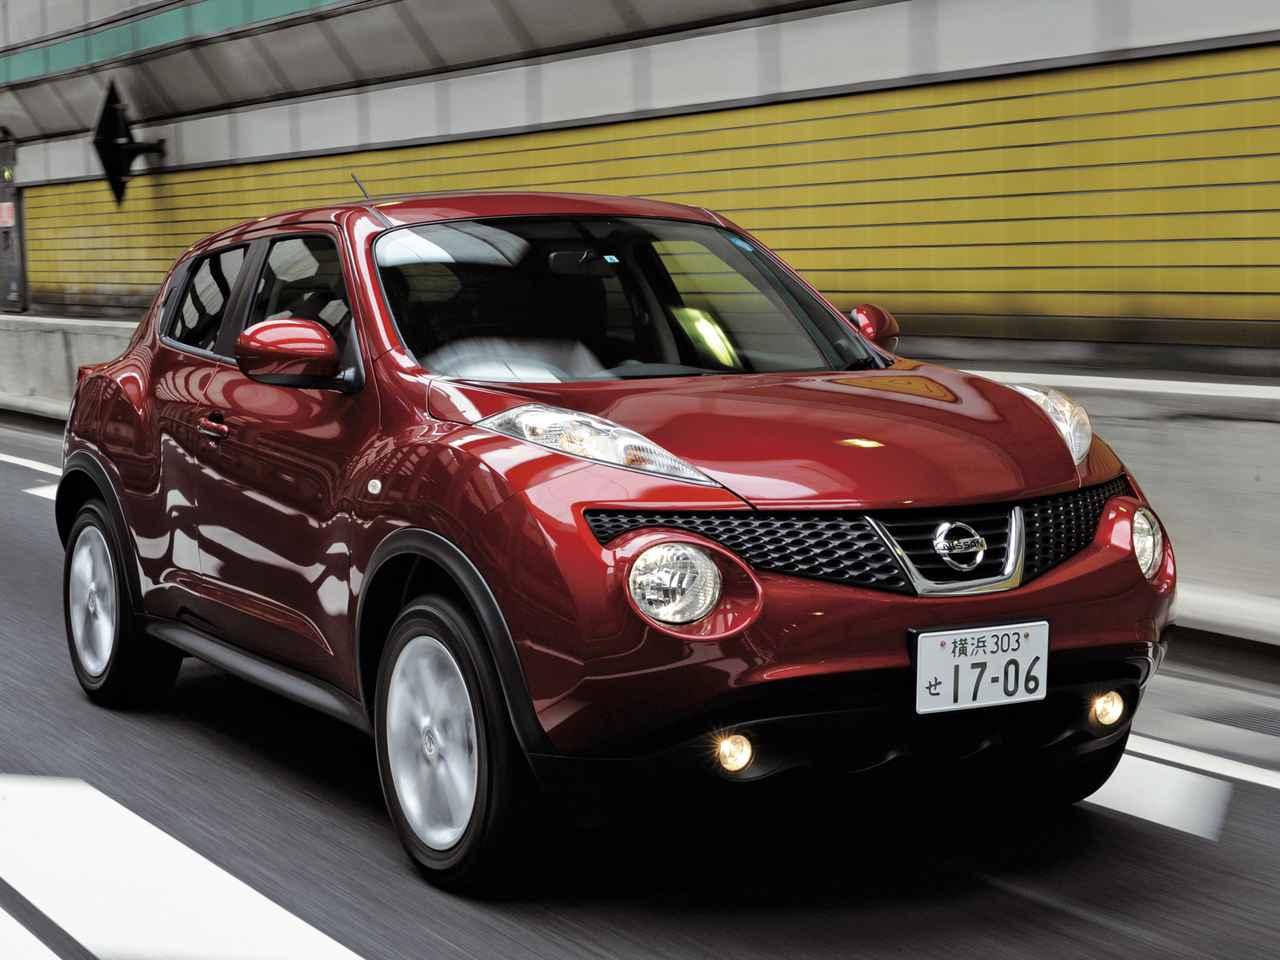 【試乗】日産 ジュークは極上のレスポンスでキビキビ爽快に走ってくれた【10年ひと昔の新車】